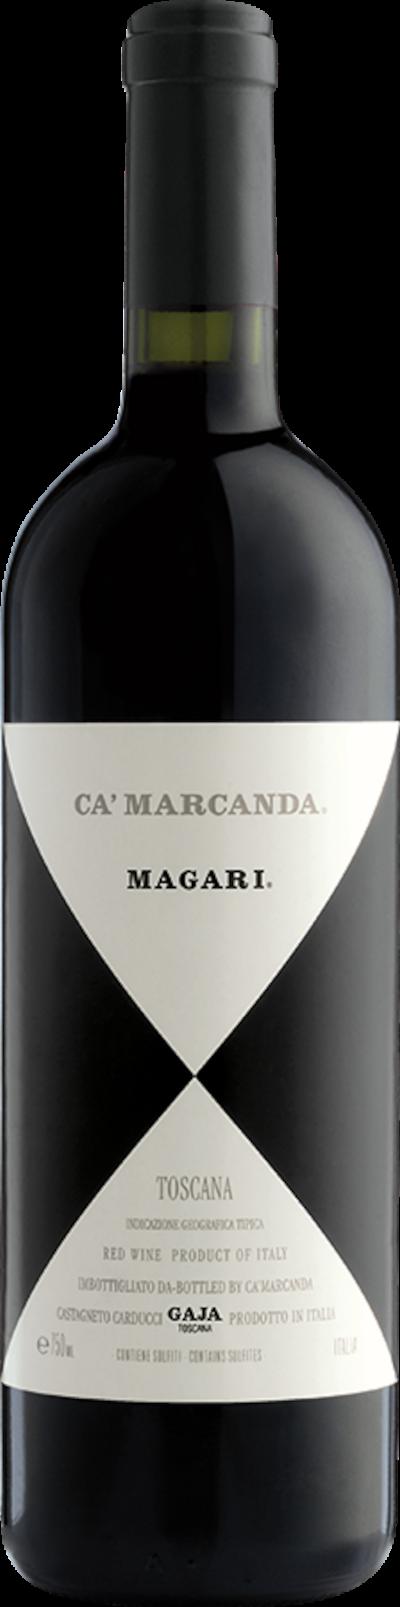 Ca' Marcanda - Magari Bolgheri DOP Magnum